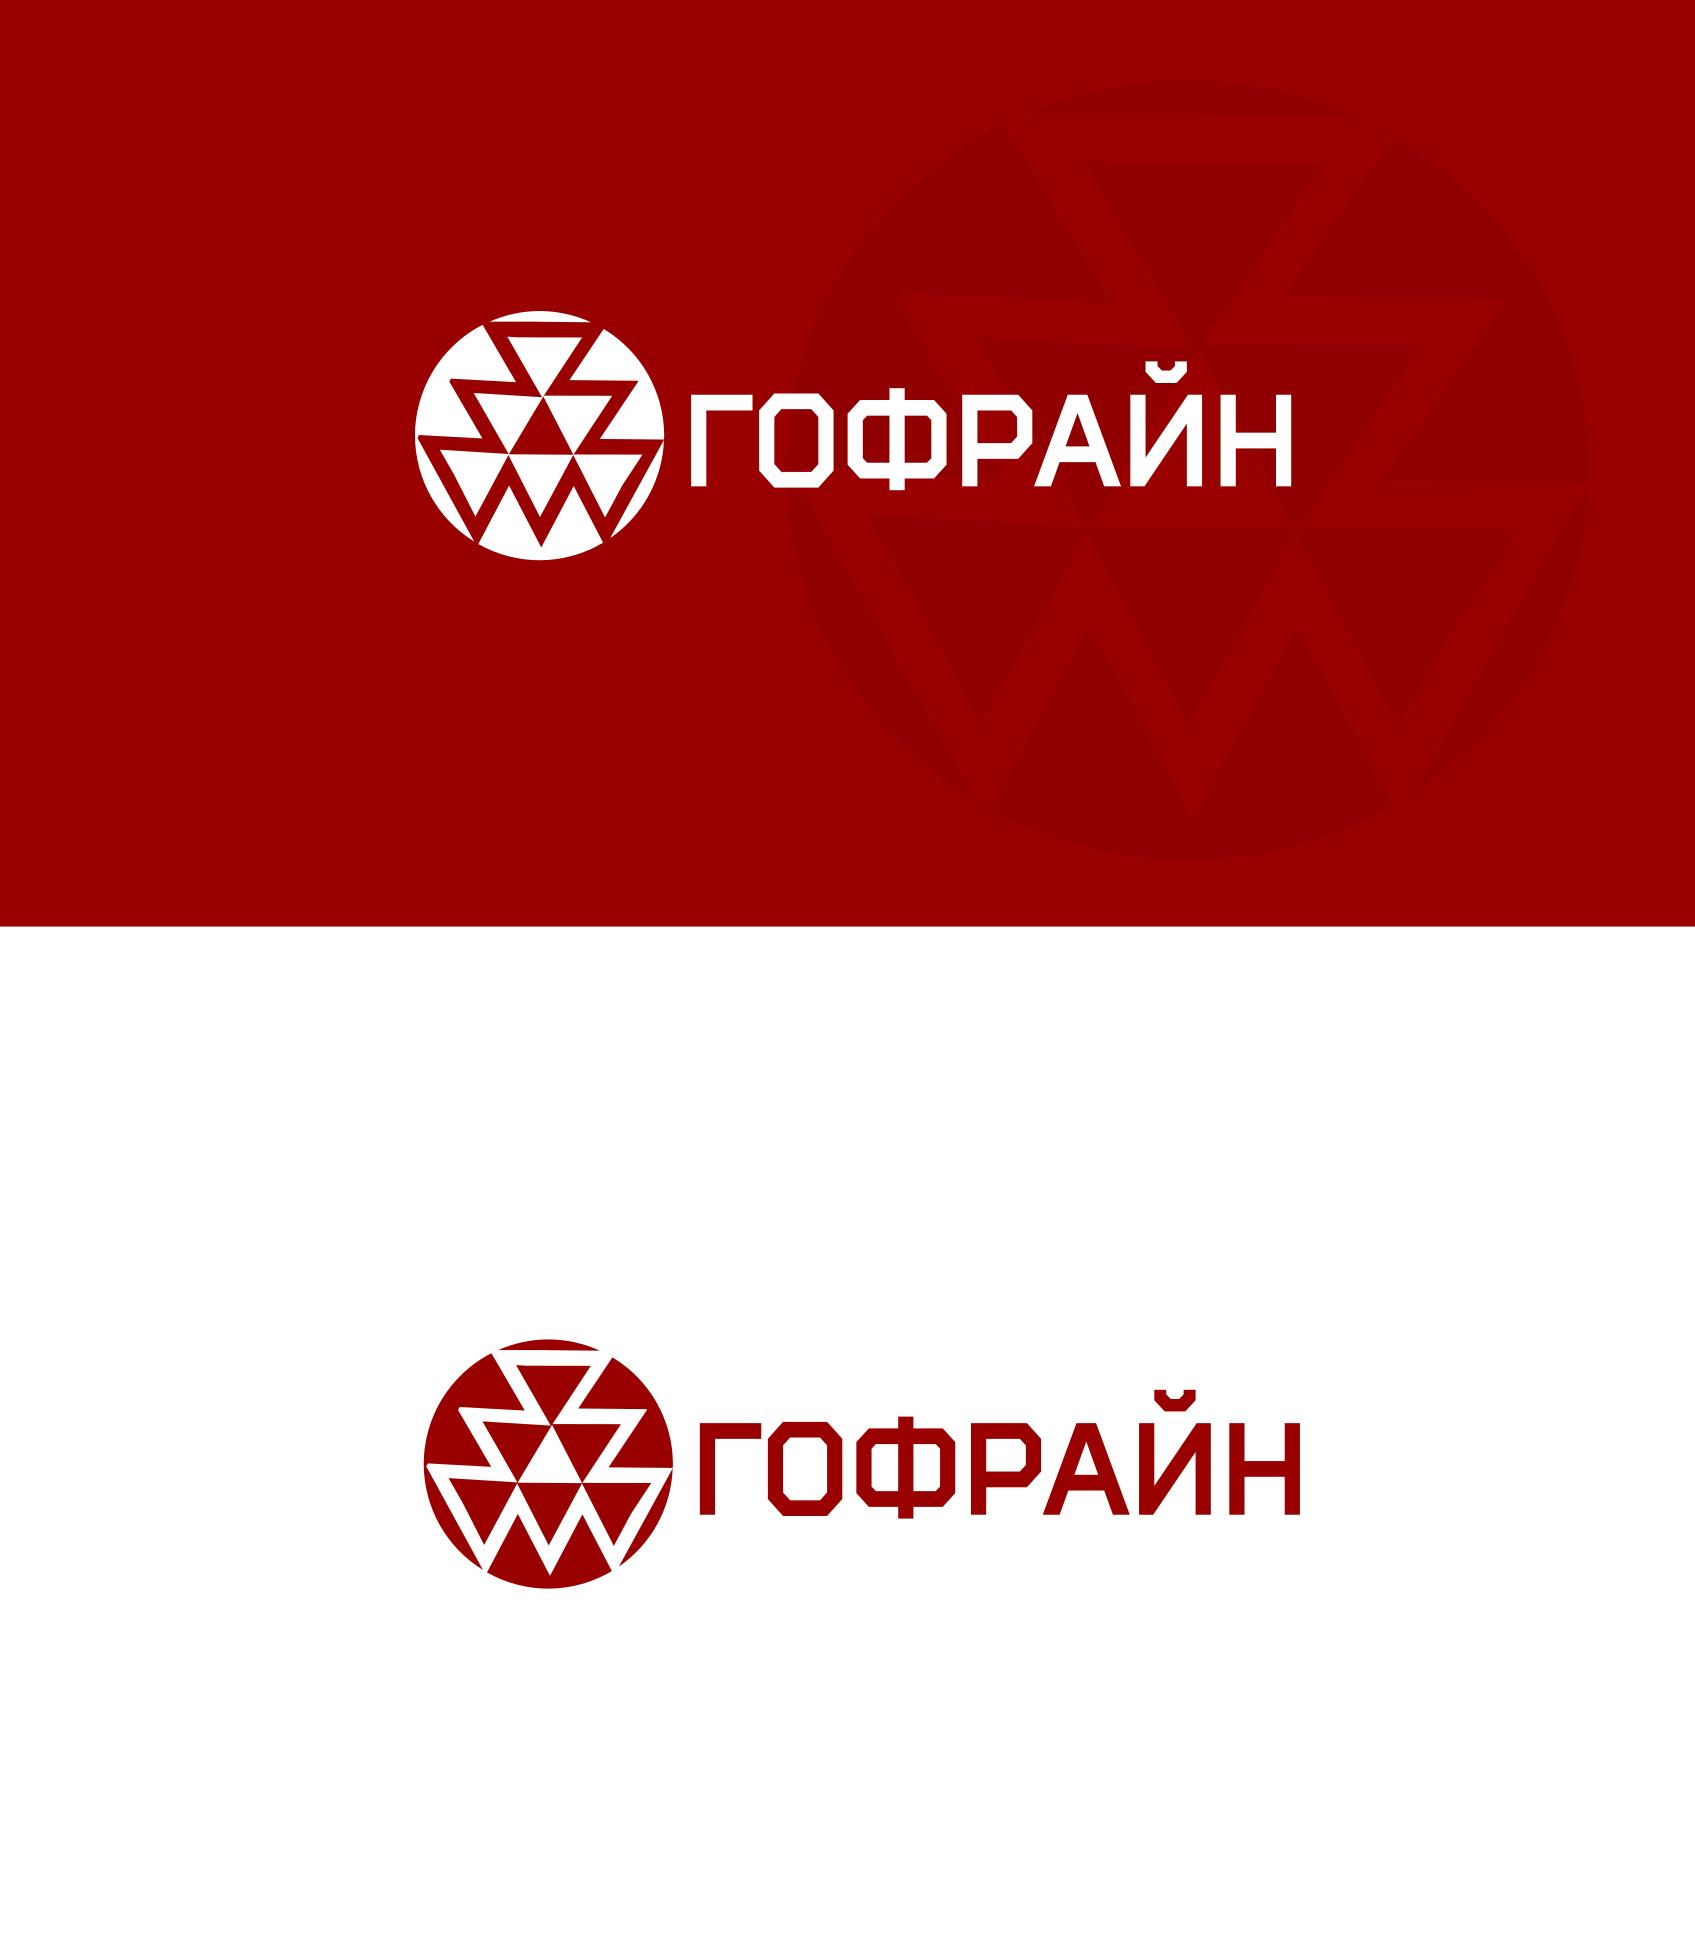 Логотип для компании по реализации упаковки из гофрокартона фото f_9255cdae72db4805.png